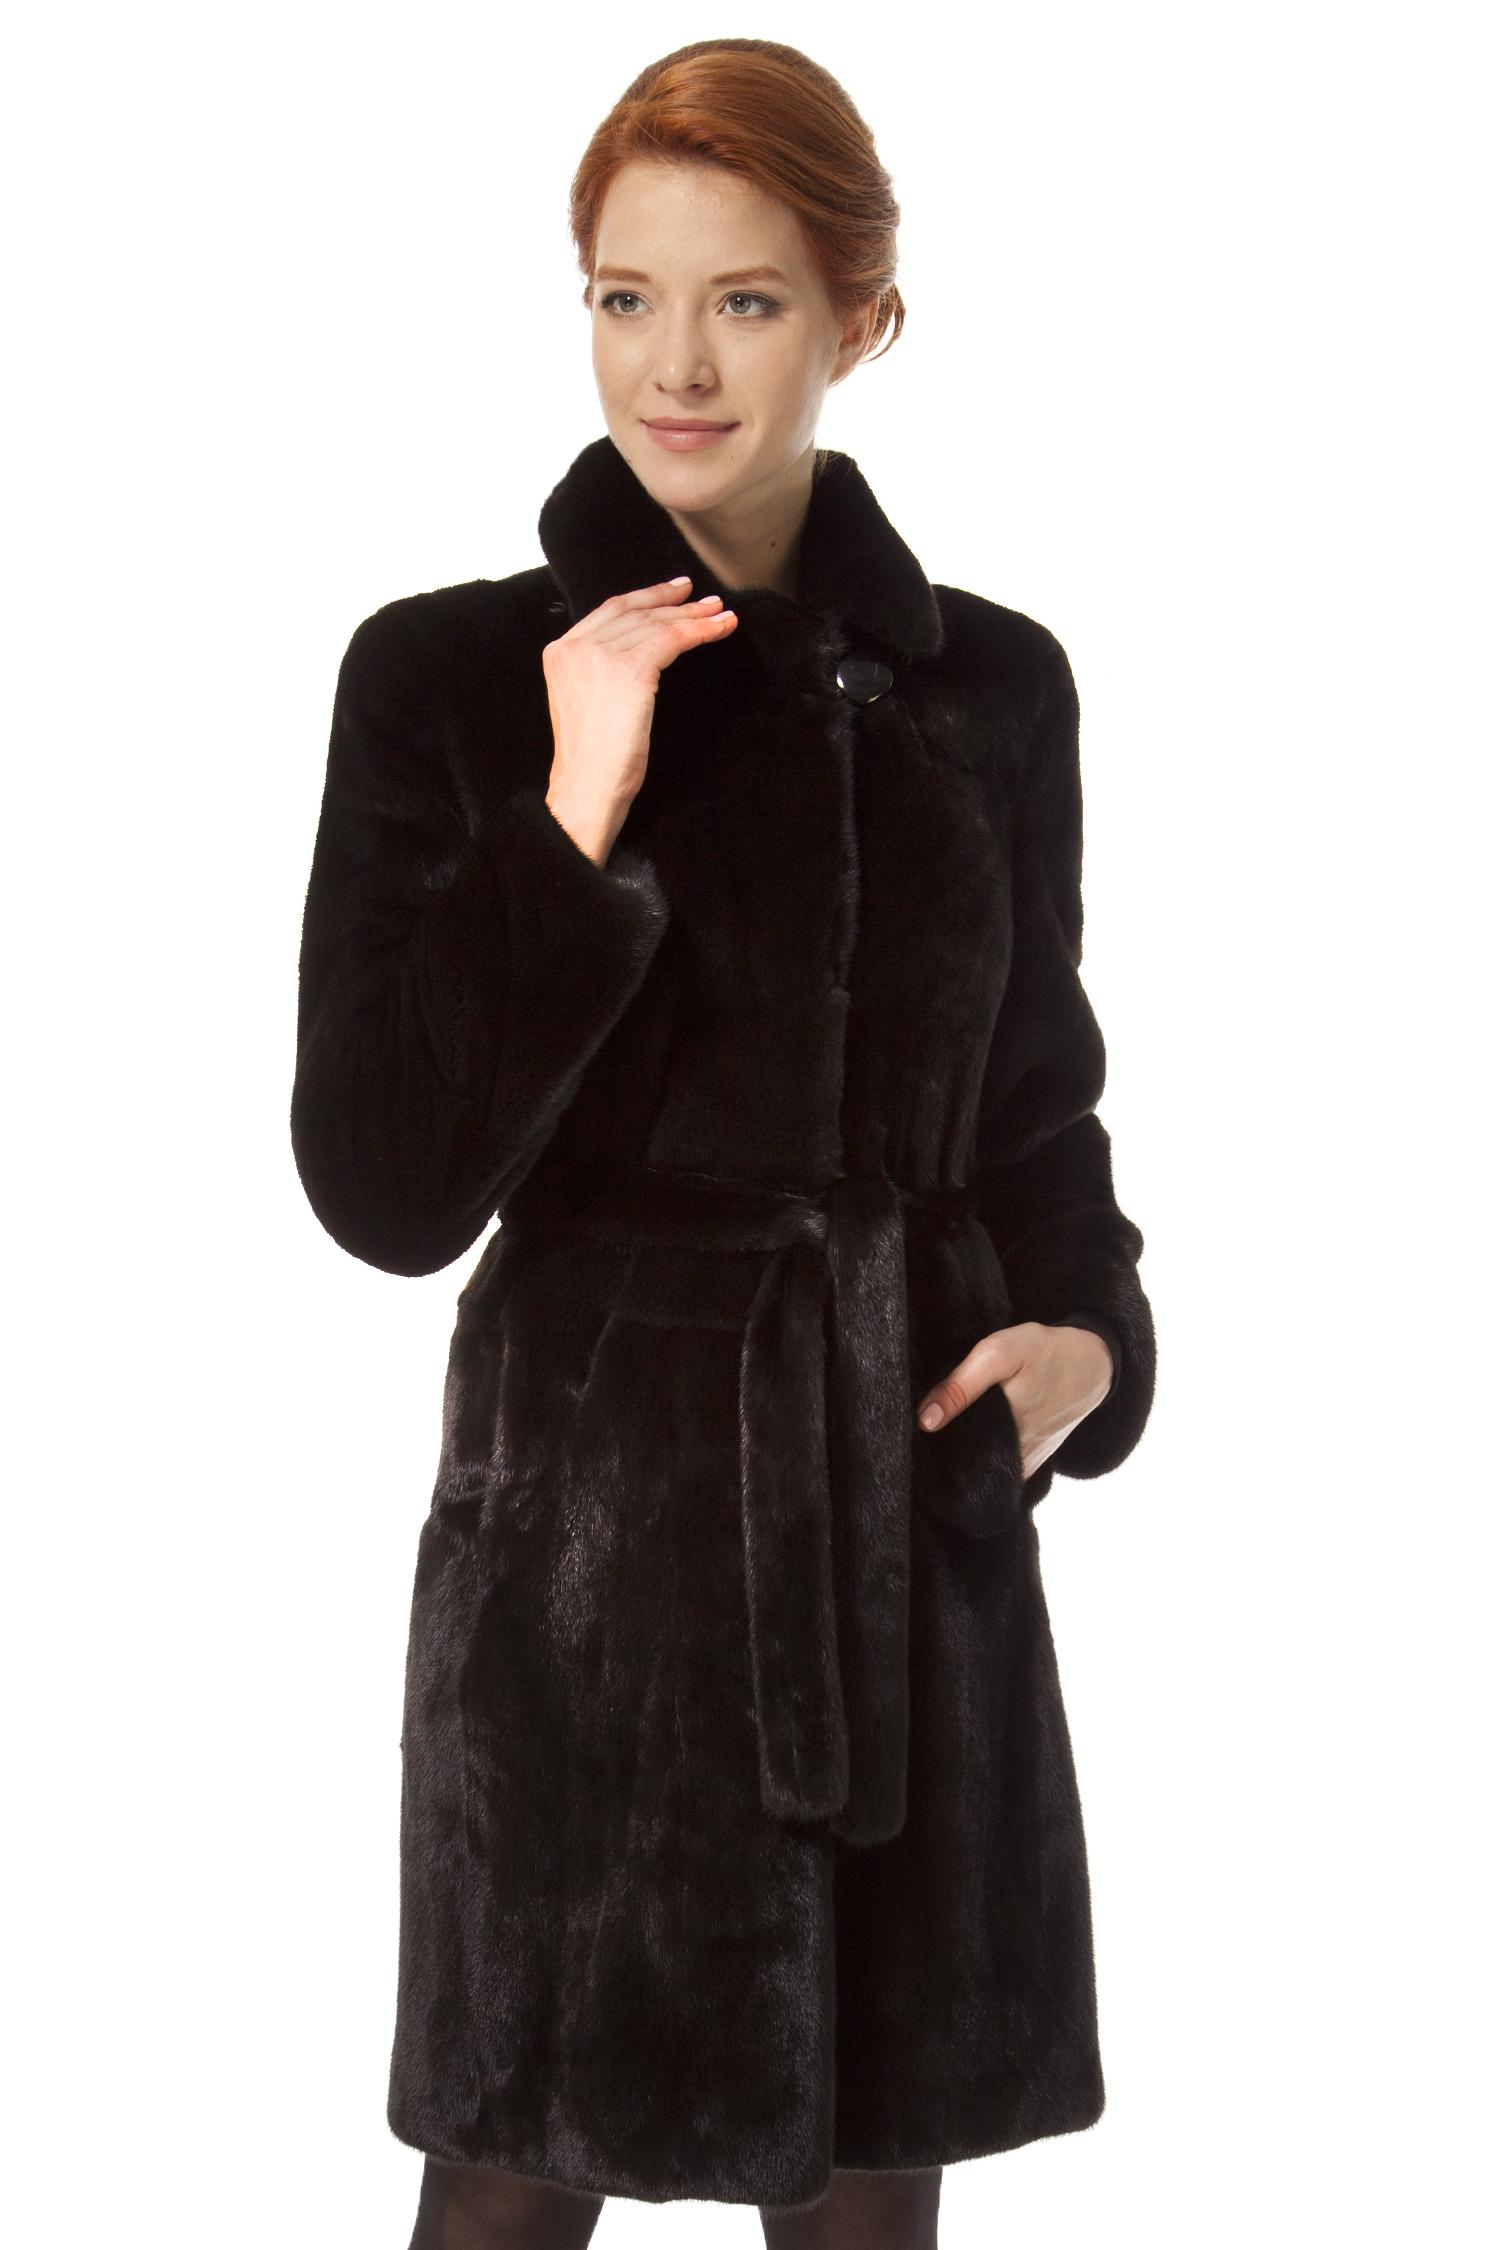 Шуба из норки с воротником, без отделкиЦвет  угольно-черный.<br><br>Пальто изготовлено из высококачественного натурального сырья - меха скандинавской норки ScanBlack.<br><br>Прямой, лаконичный силуэт, минимум деталей, мягкий пояс подчеркивающий изящность женского бедра, мягкий шелковисто-бархатистый мех скандинавской норки Scan Black (вельвет) - все это гармонично сочетается в модели. Данное меховое пальто замечательно впишется в гардероб энергичной, деловой женщины, позволит чувствовать себя уверенно и комфортно в бизнес среде. Приобретя эту модель дамы смогут подчеркнуть свой безупречный вкус.<br><br>Воротник: Английский<br>Длина см: 100<br>Цвет: Черный(ScanBlack)<br>Пол: Женский